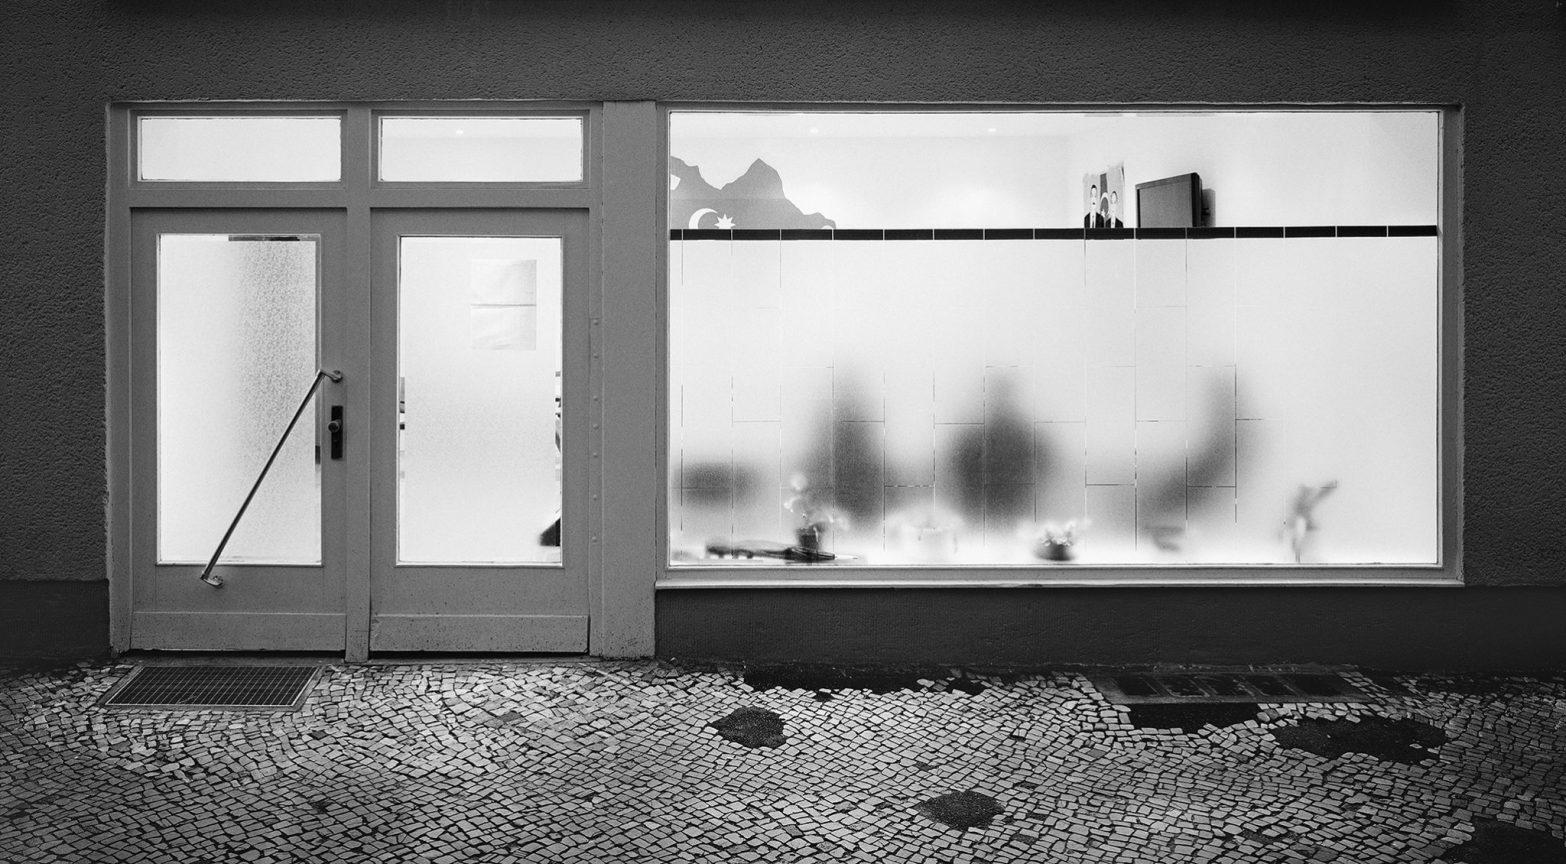 Verein ADS, Neukölln, 2008 © Loredana Nemes